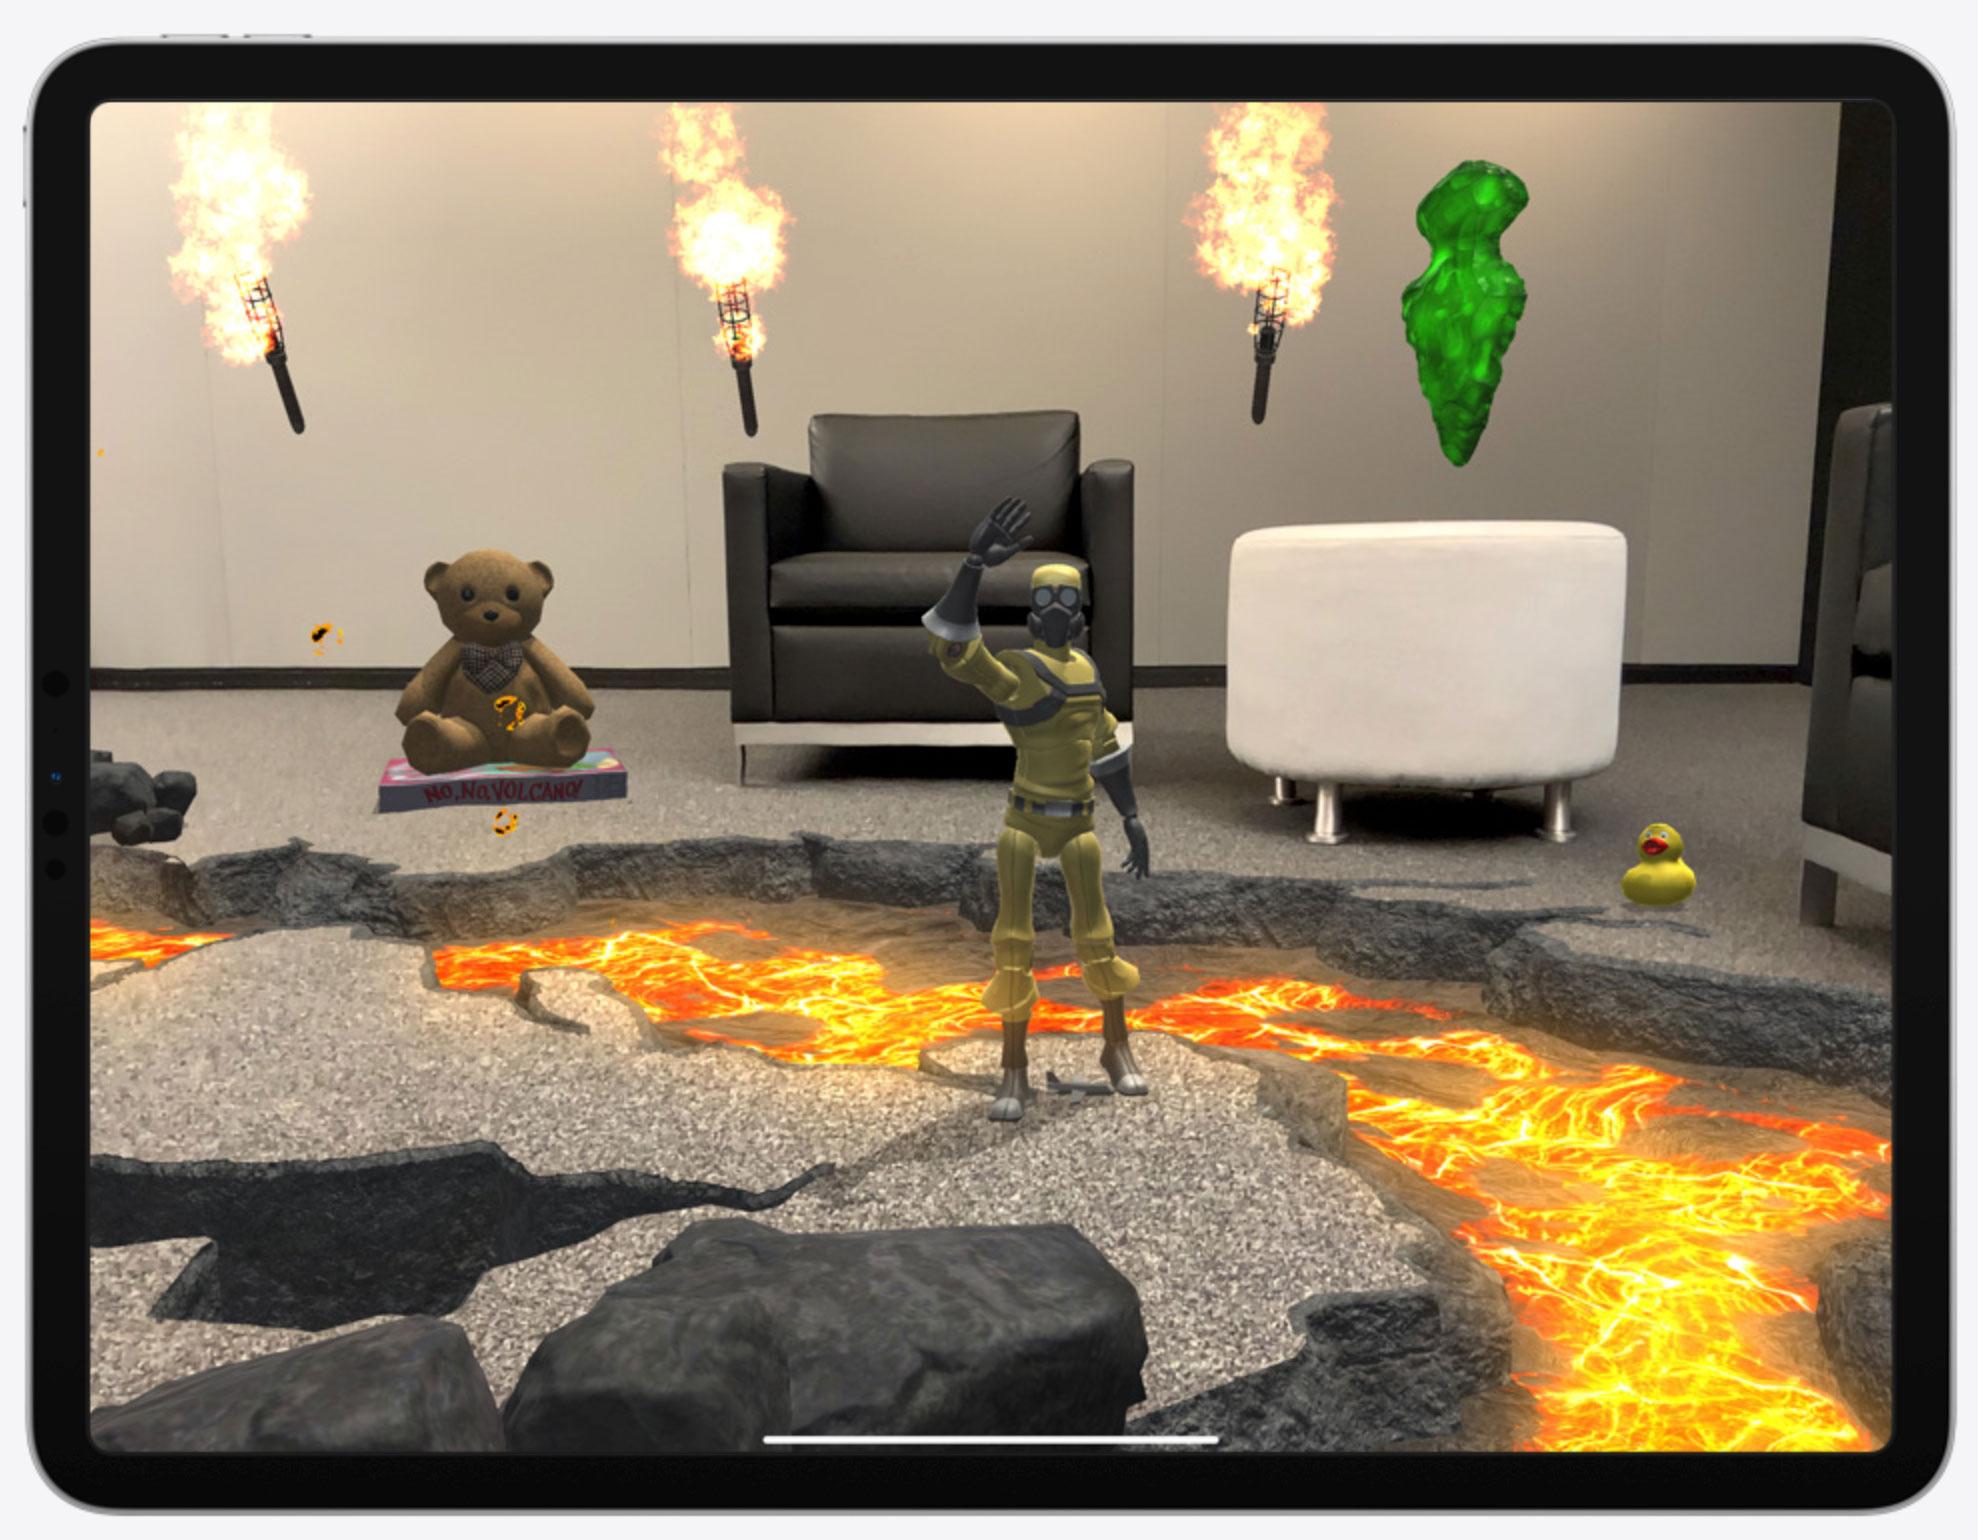 Realidad aumentada con el escáner LiDAR en el iPad Pro 2020